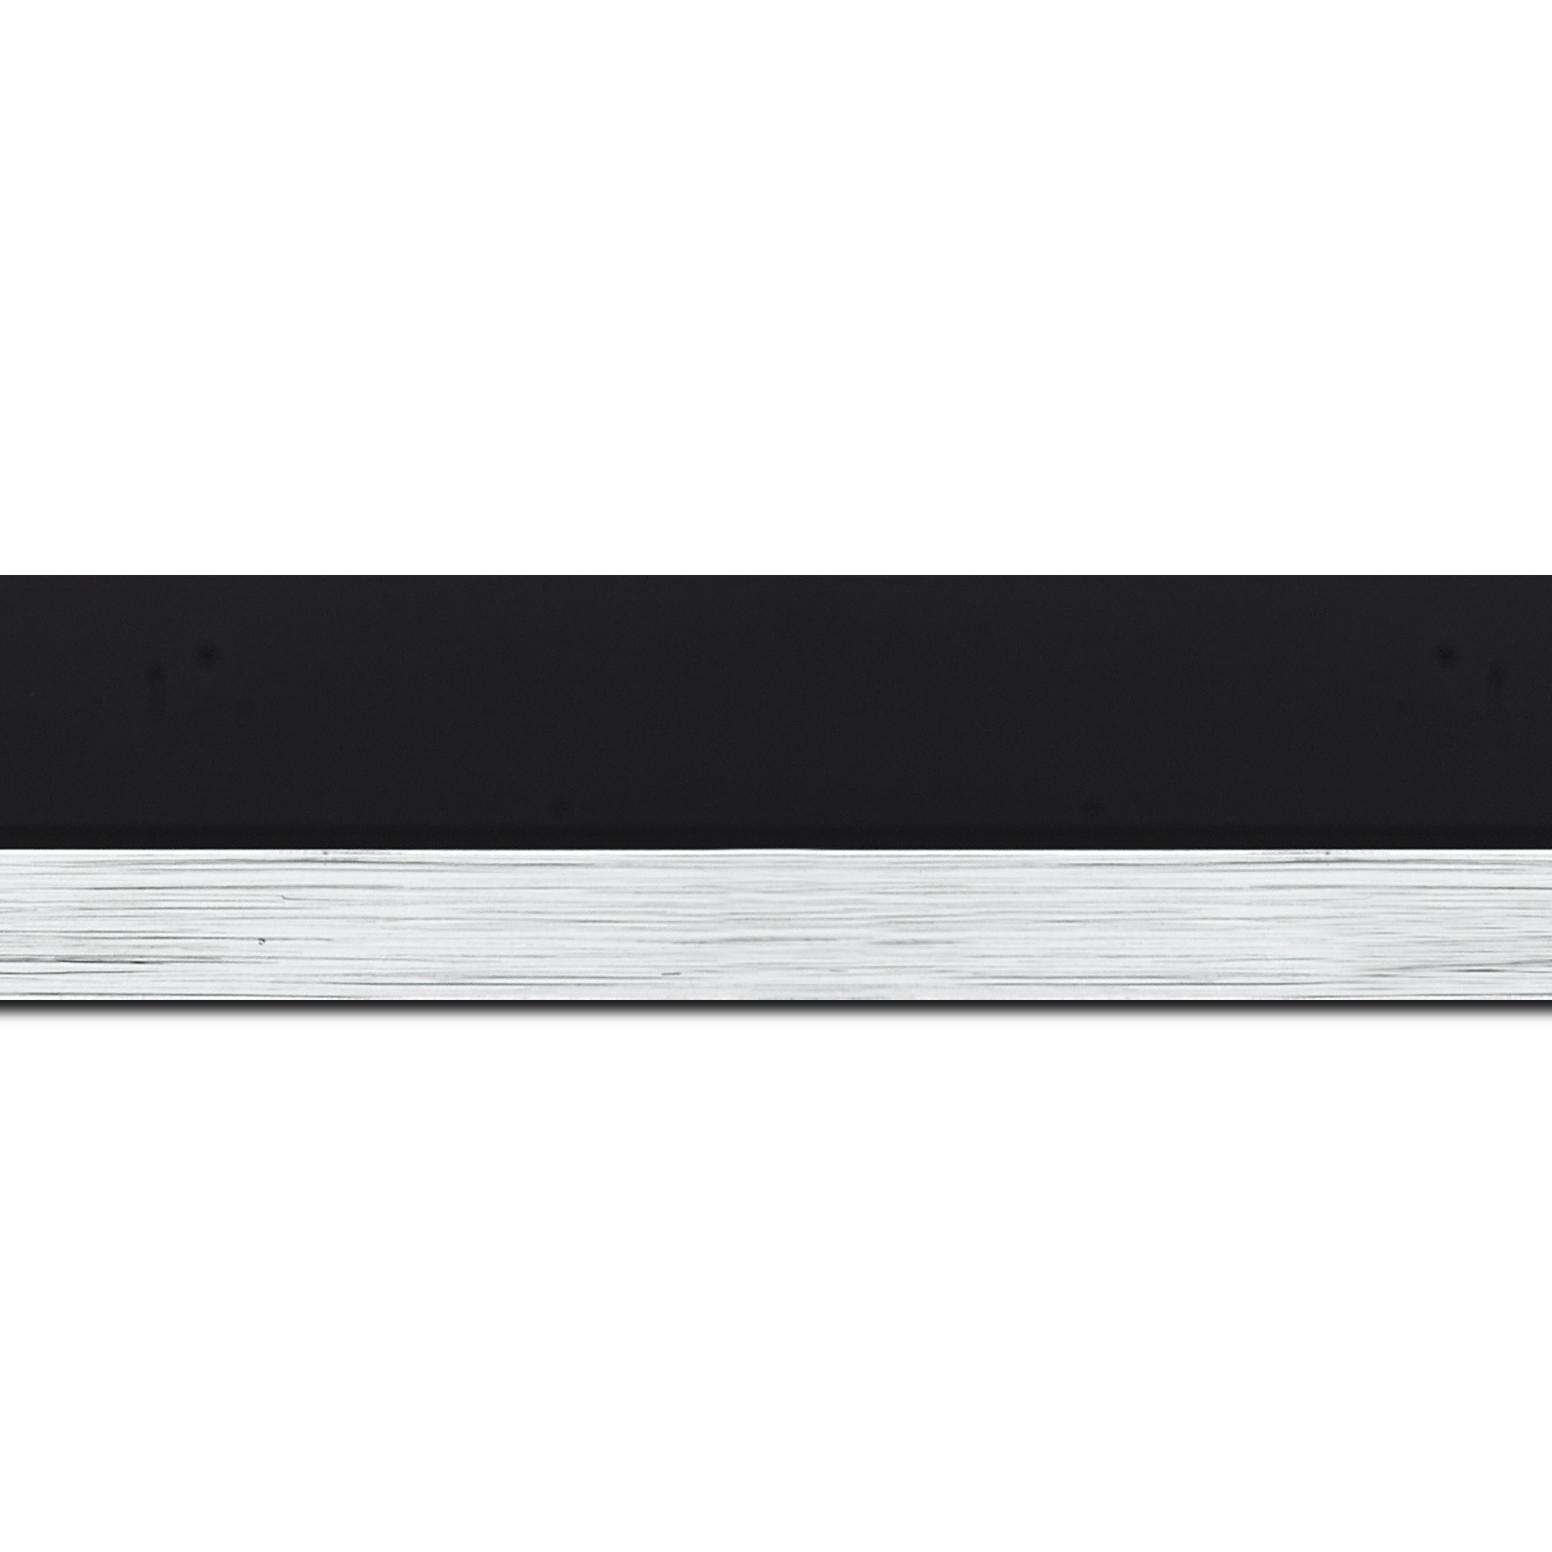 Baguette longueur 1.40m bois profil plat largeur 4.5cm couleur noir mat nez argent finition pore bouché